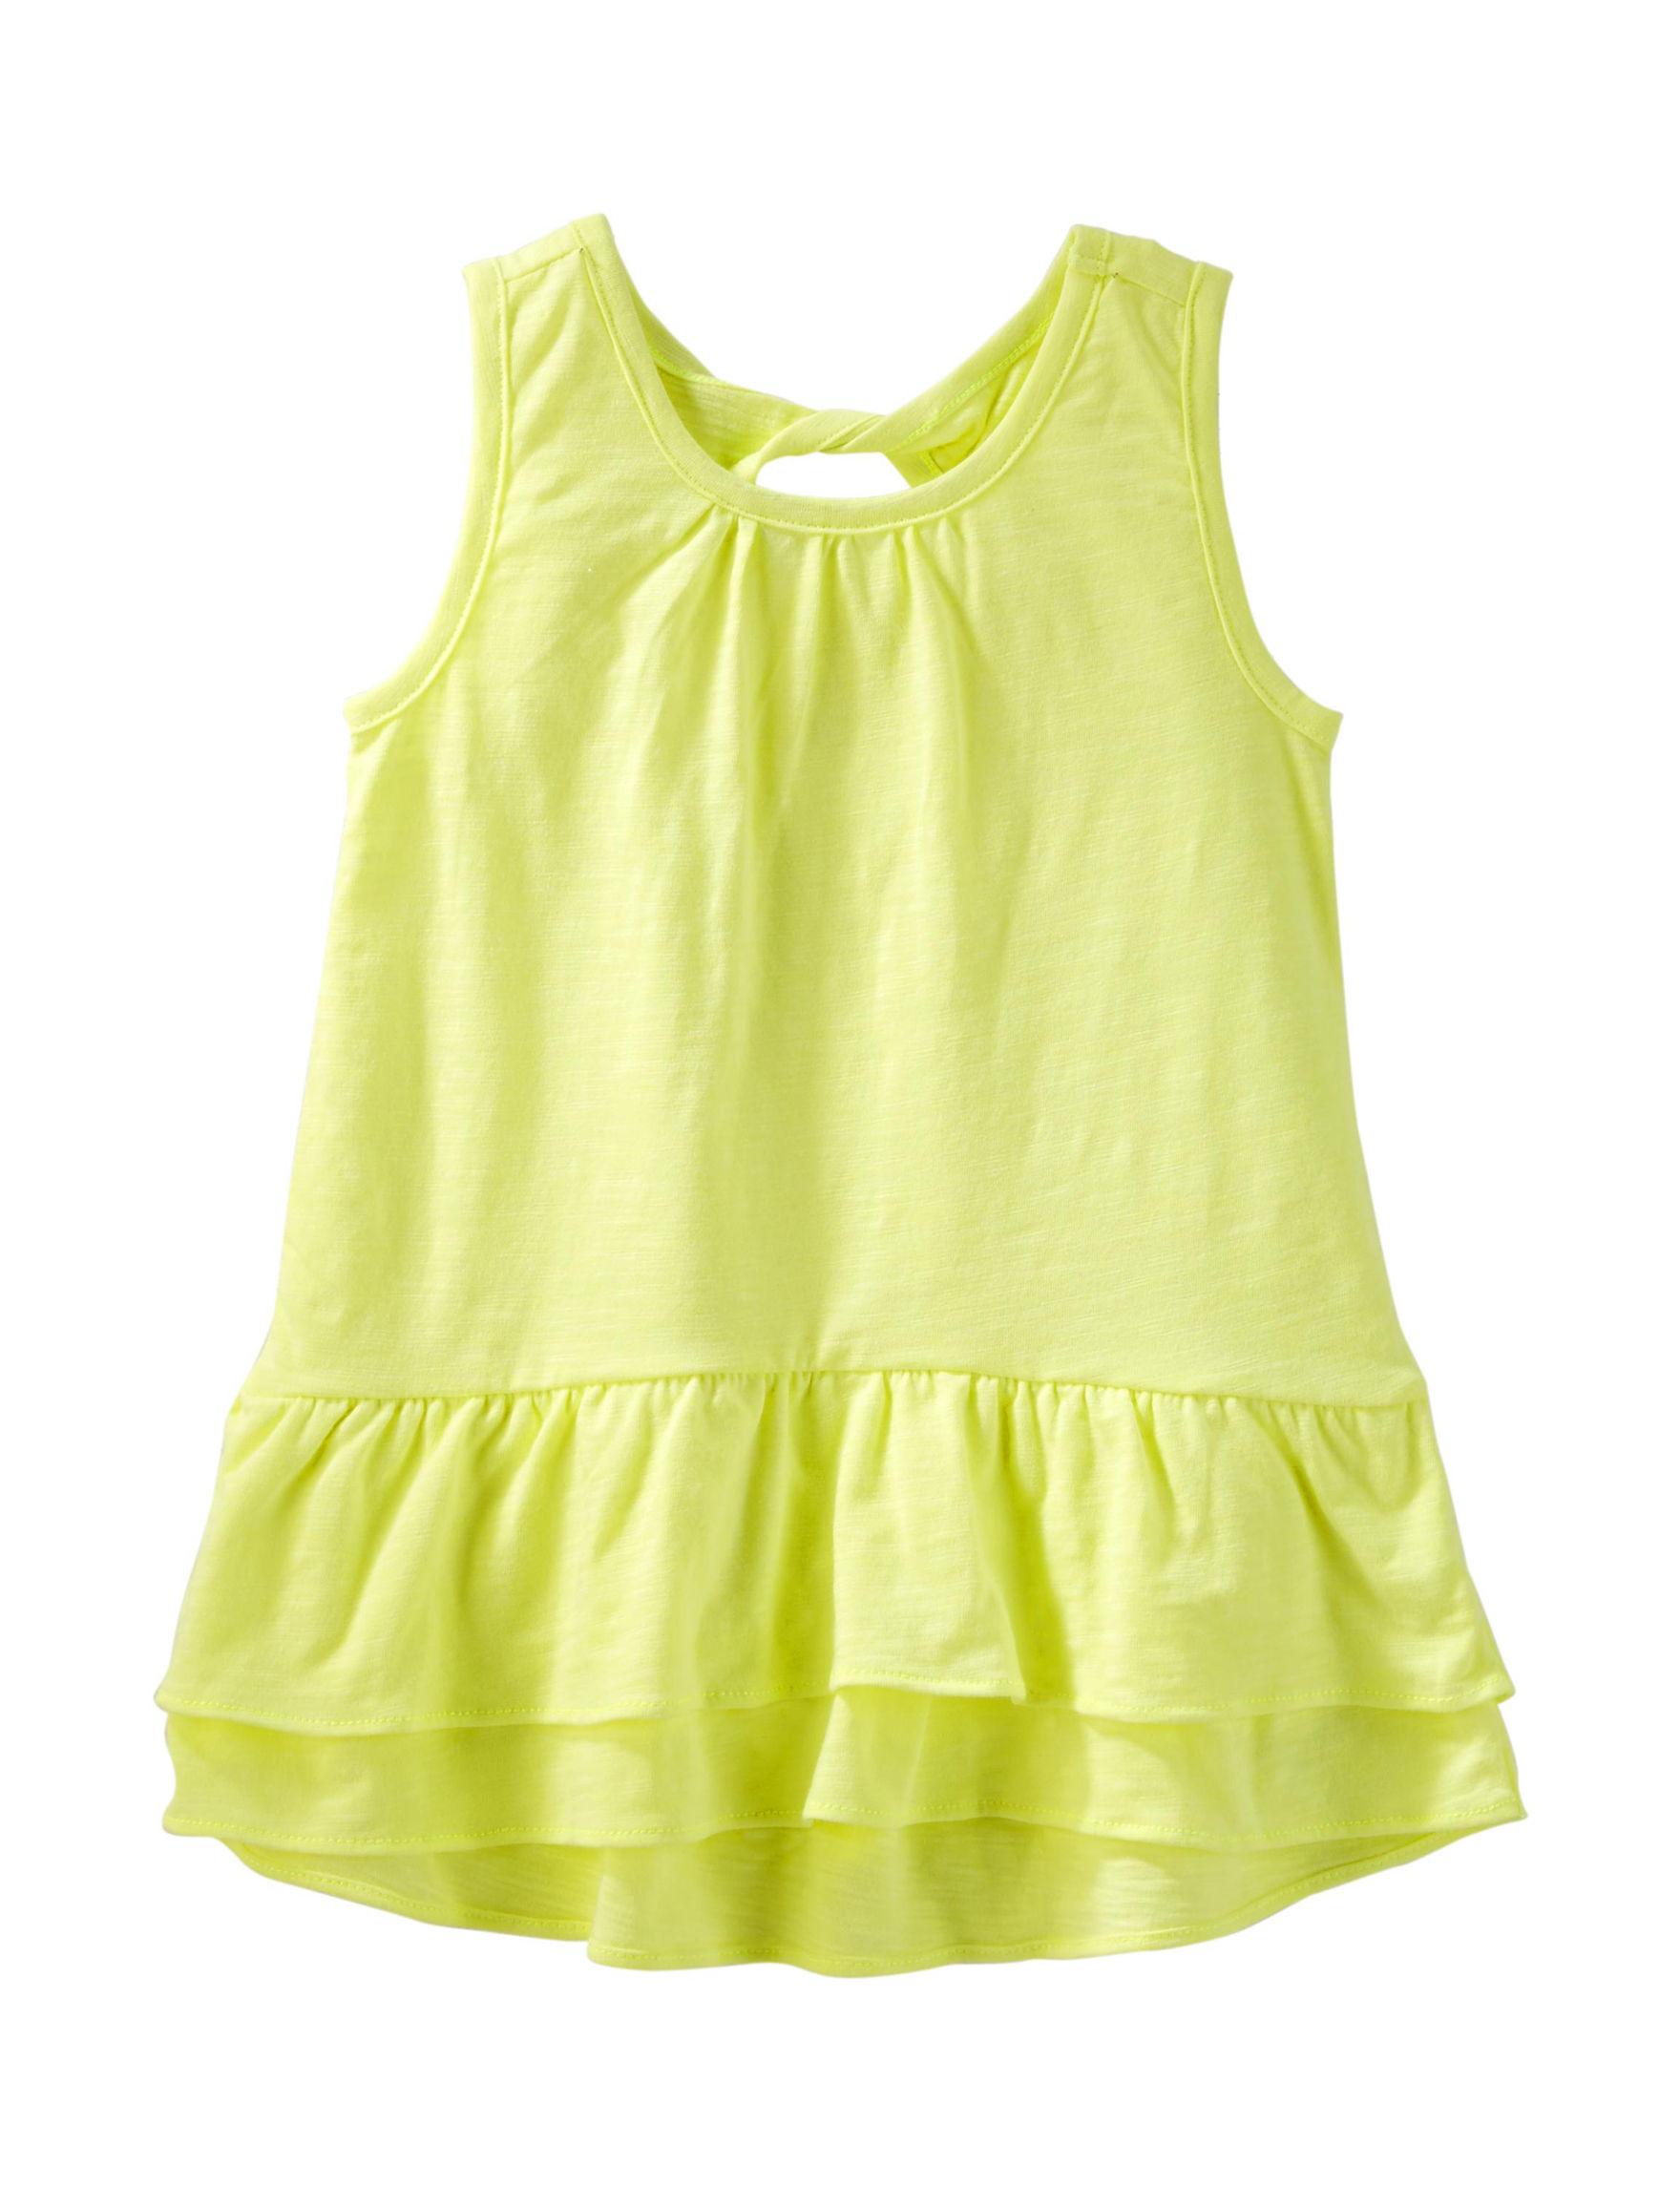 Oshkosh B'Gosh Neon Yellow